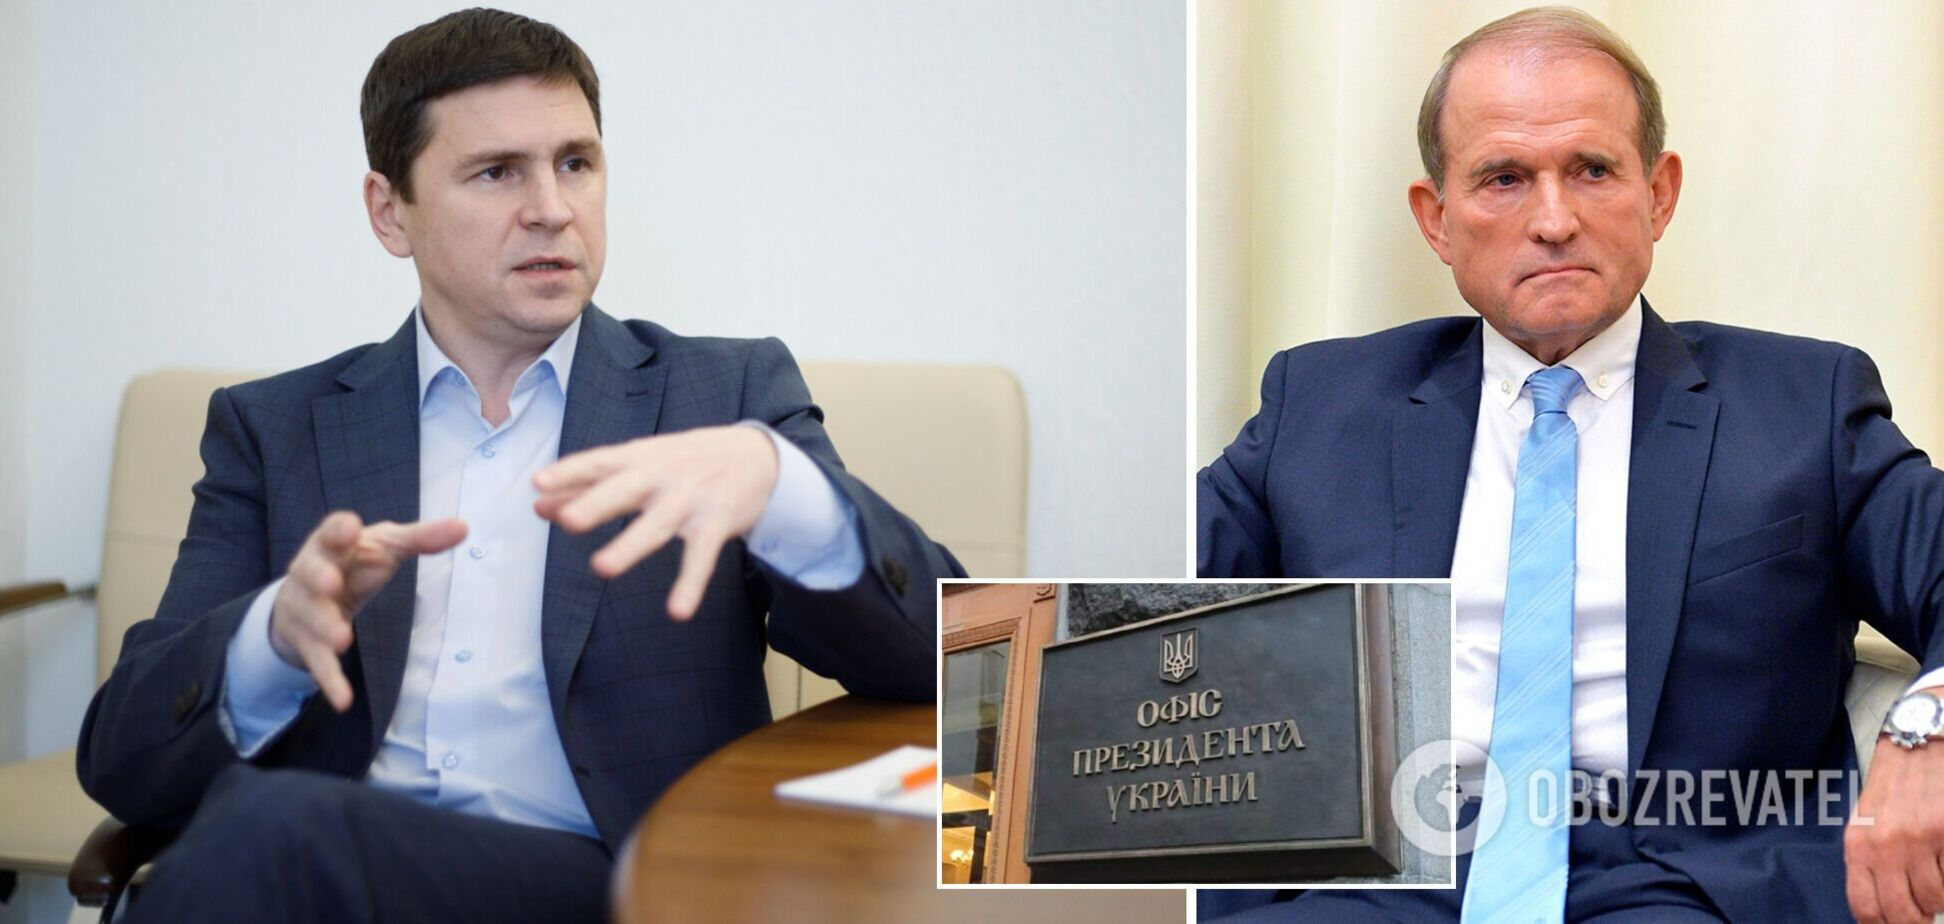 Подоляк про підозру Медведчуку: сховатися не вийде, доведеться пройти через суд